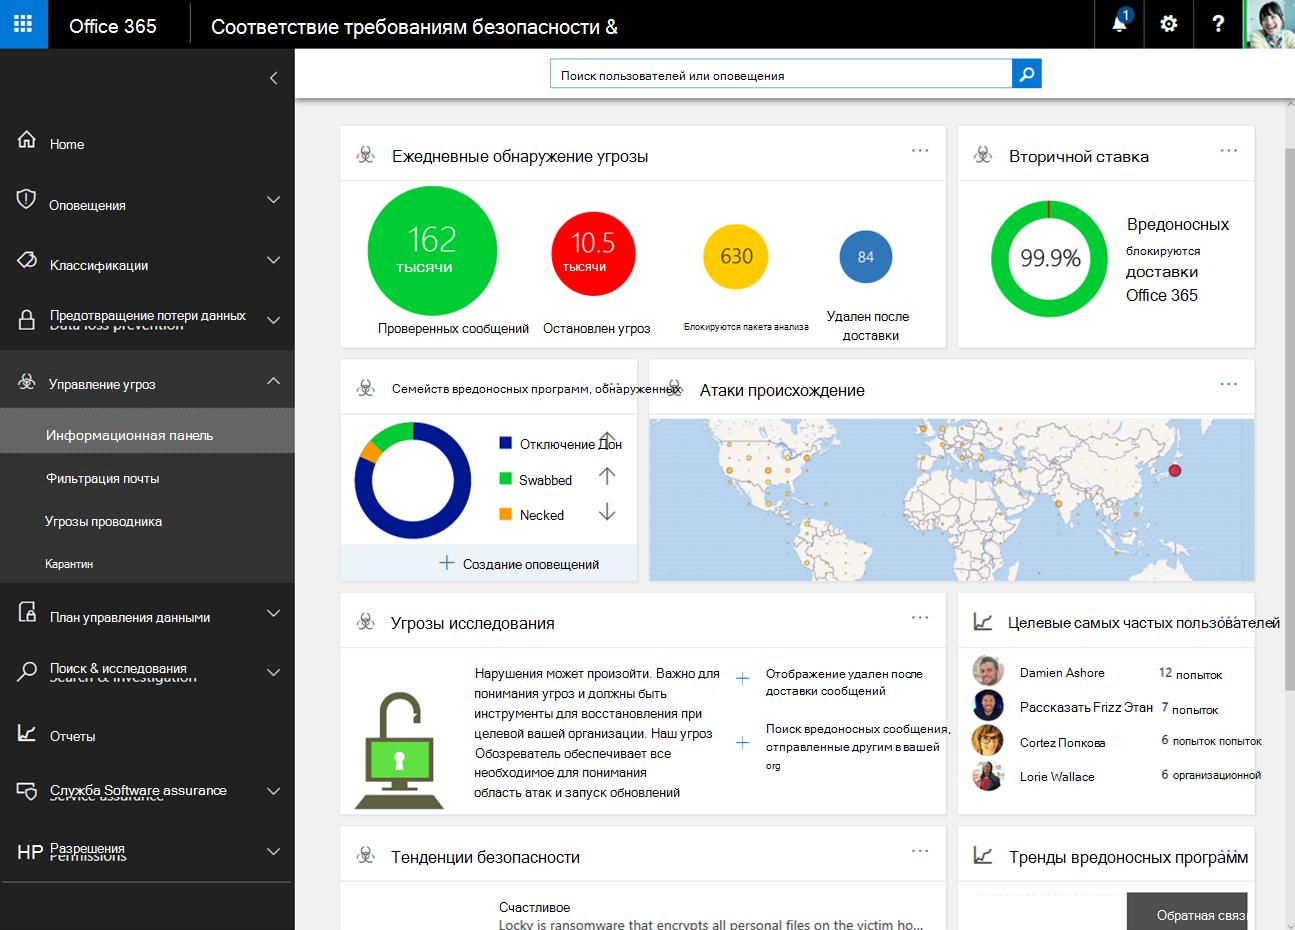 Безопасность и панели мониторинга в центре соответствия